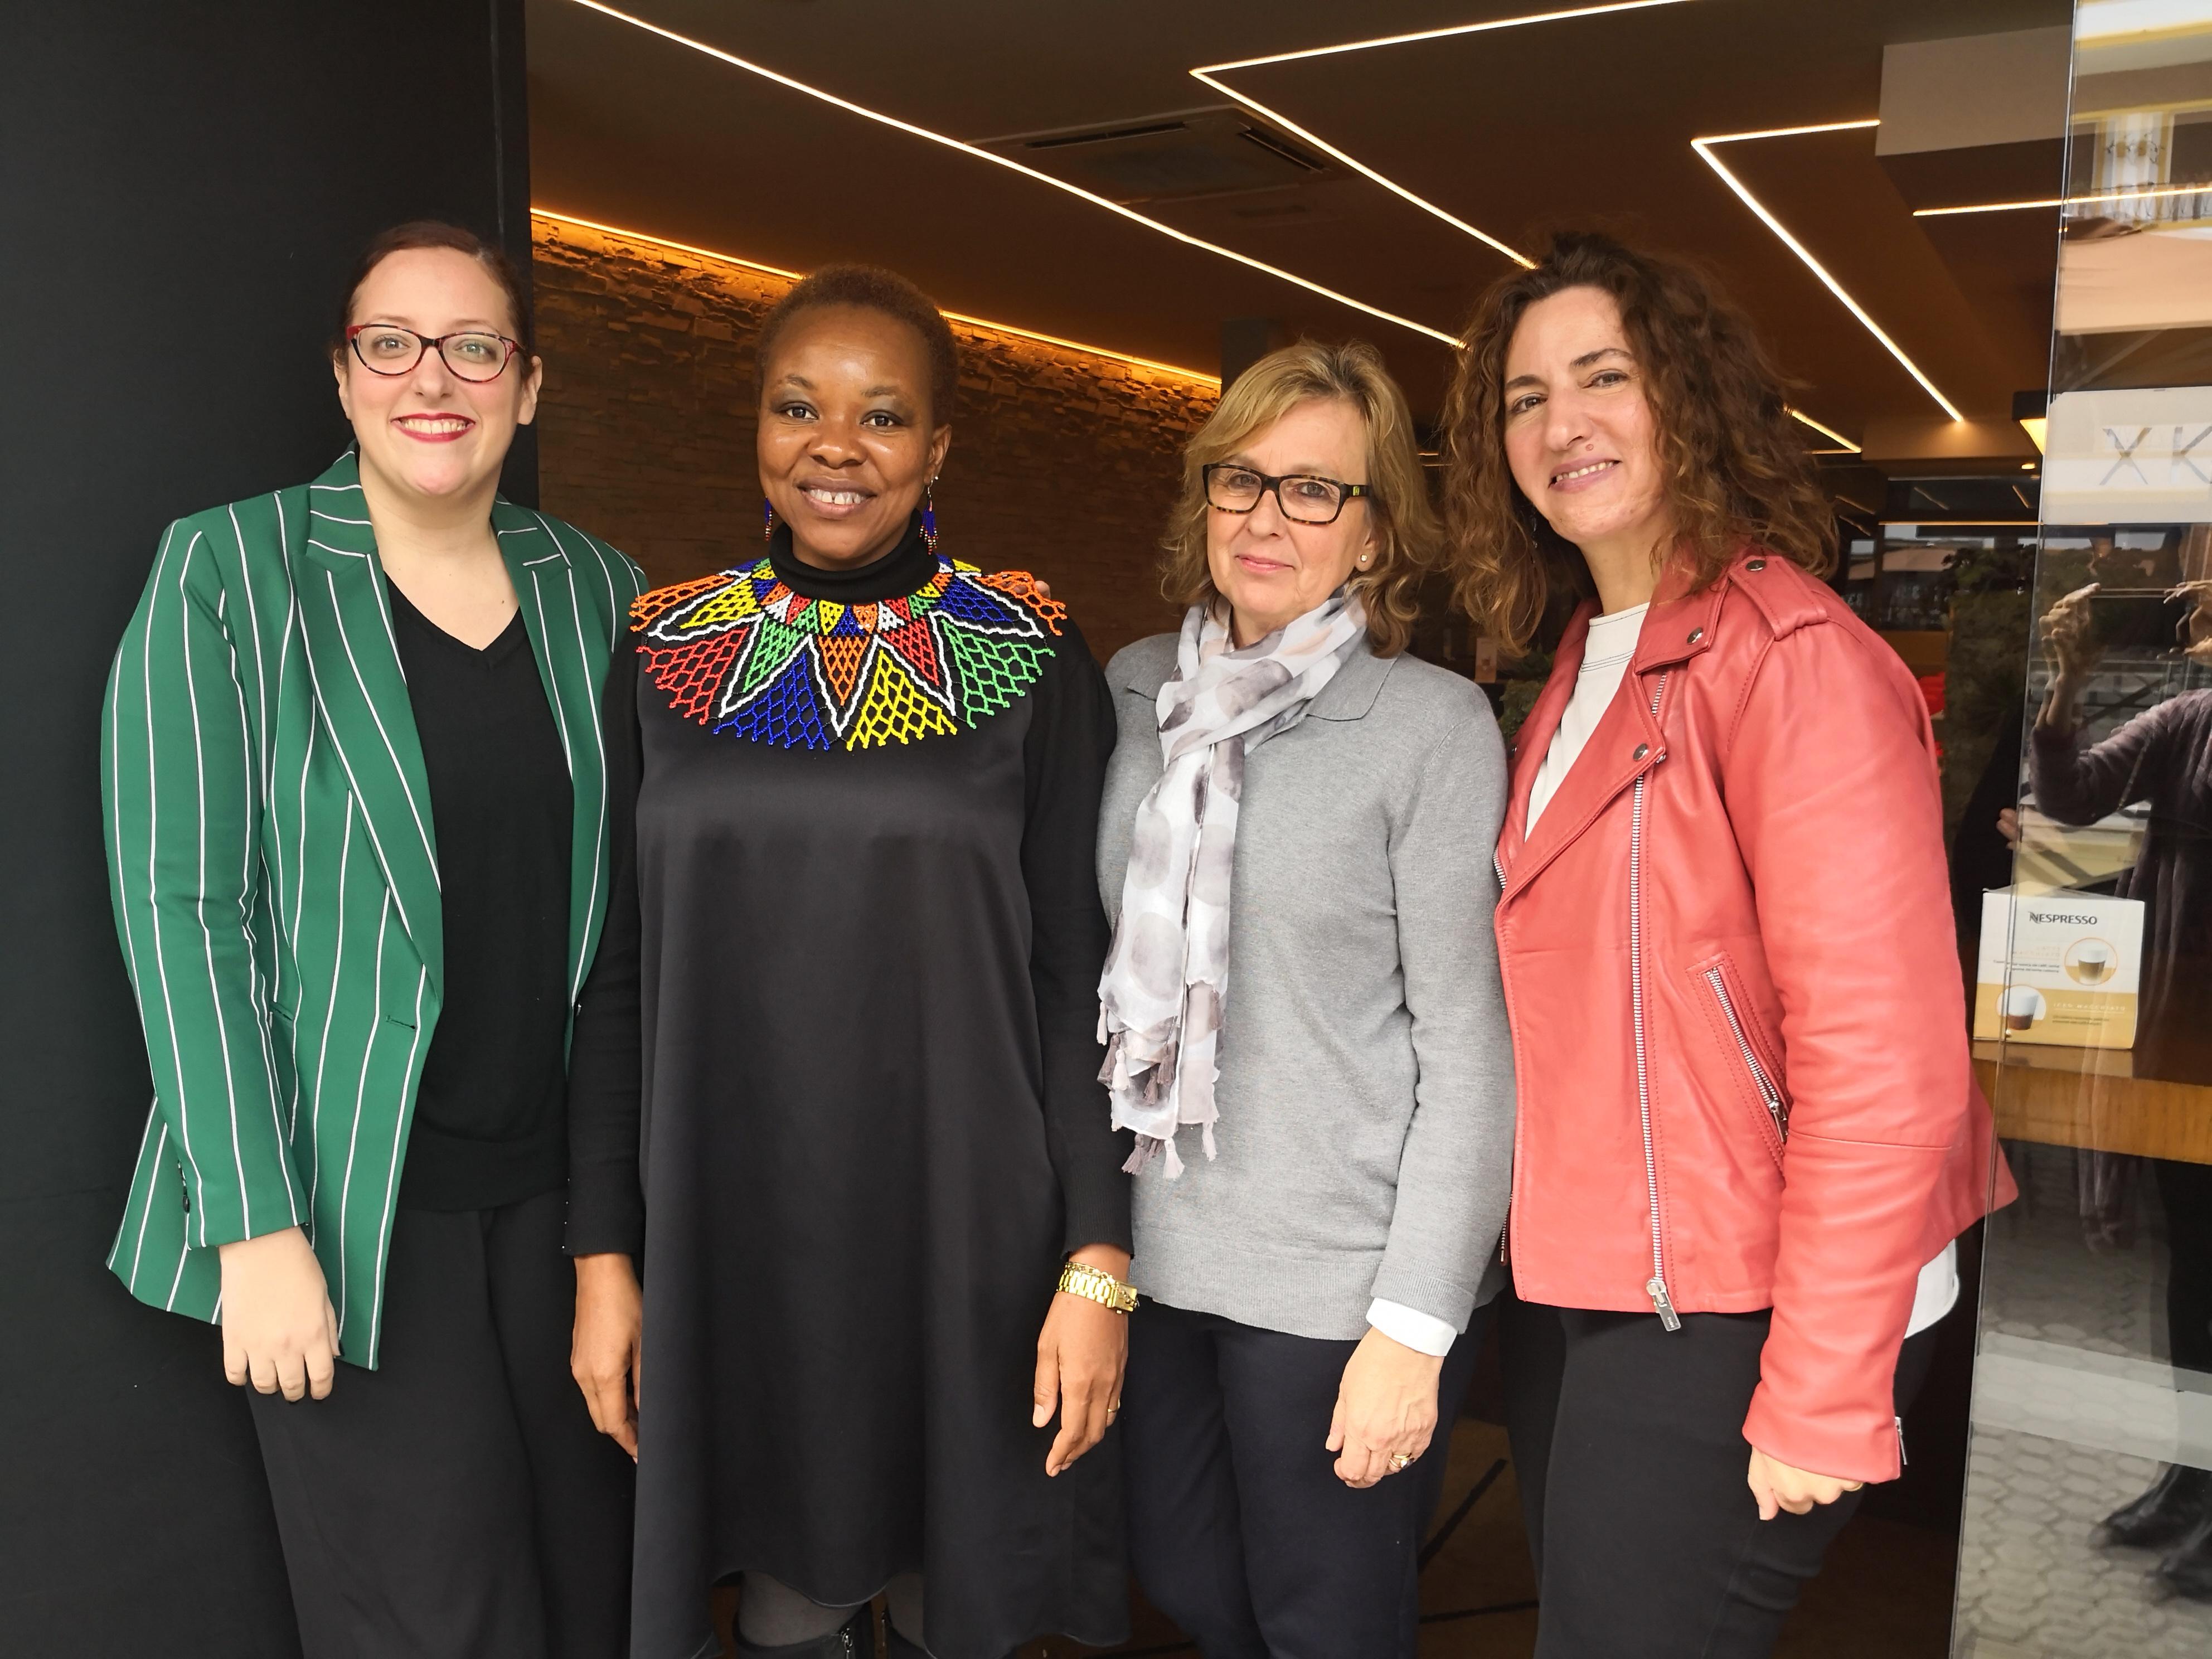 3fe07d1823 encuentro harambee-premio-2019-promocion-mujer-igualdad-africa-sevilla-valencia-destaca-te-paloma-silla-3.jpg